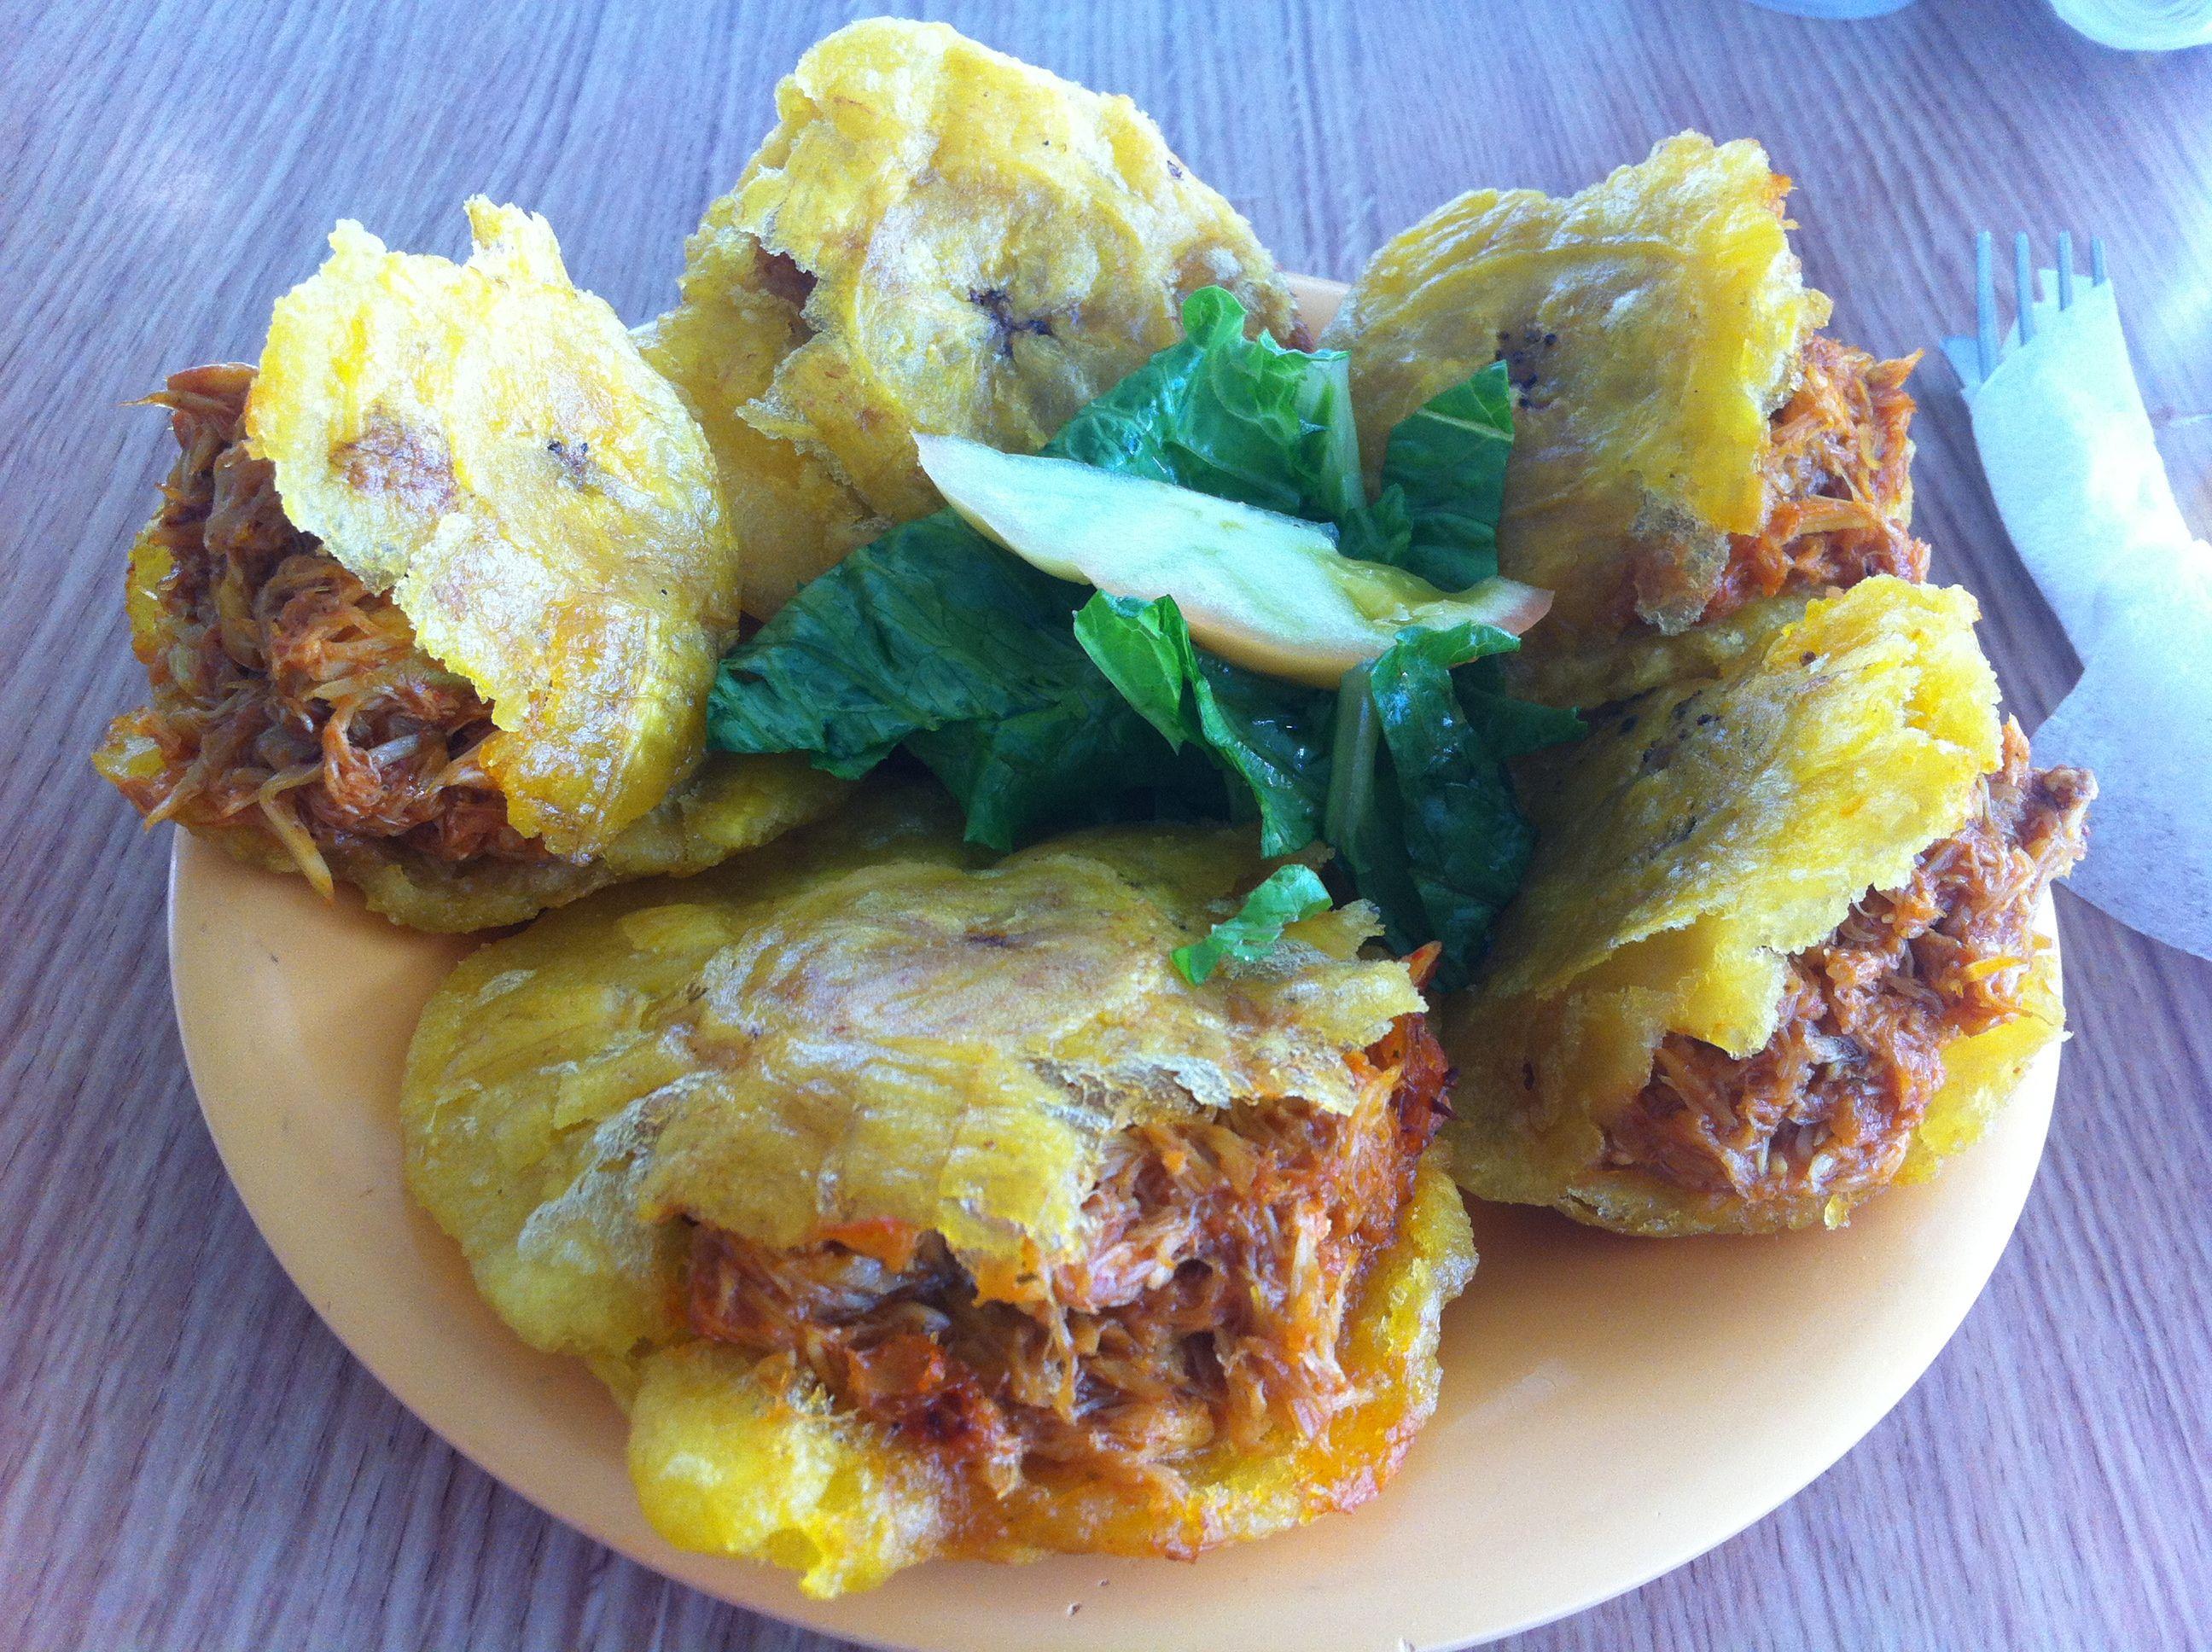 Tostones rellenos de salmorejo de jueyes!! Delicioso!! :-D Salinas, Puerto  Rico | Puerto rican cuisine, Caribbean recipes, Puerto rico food